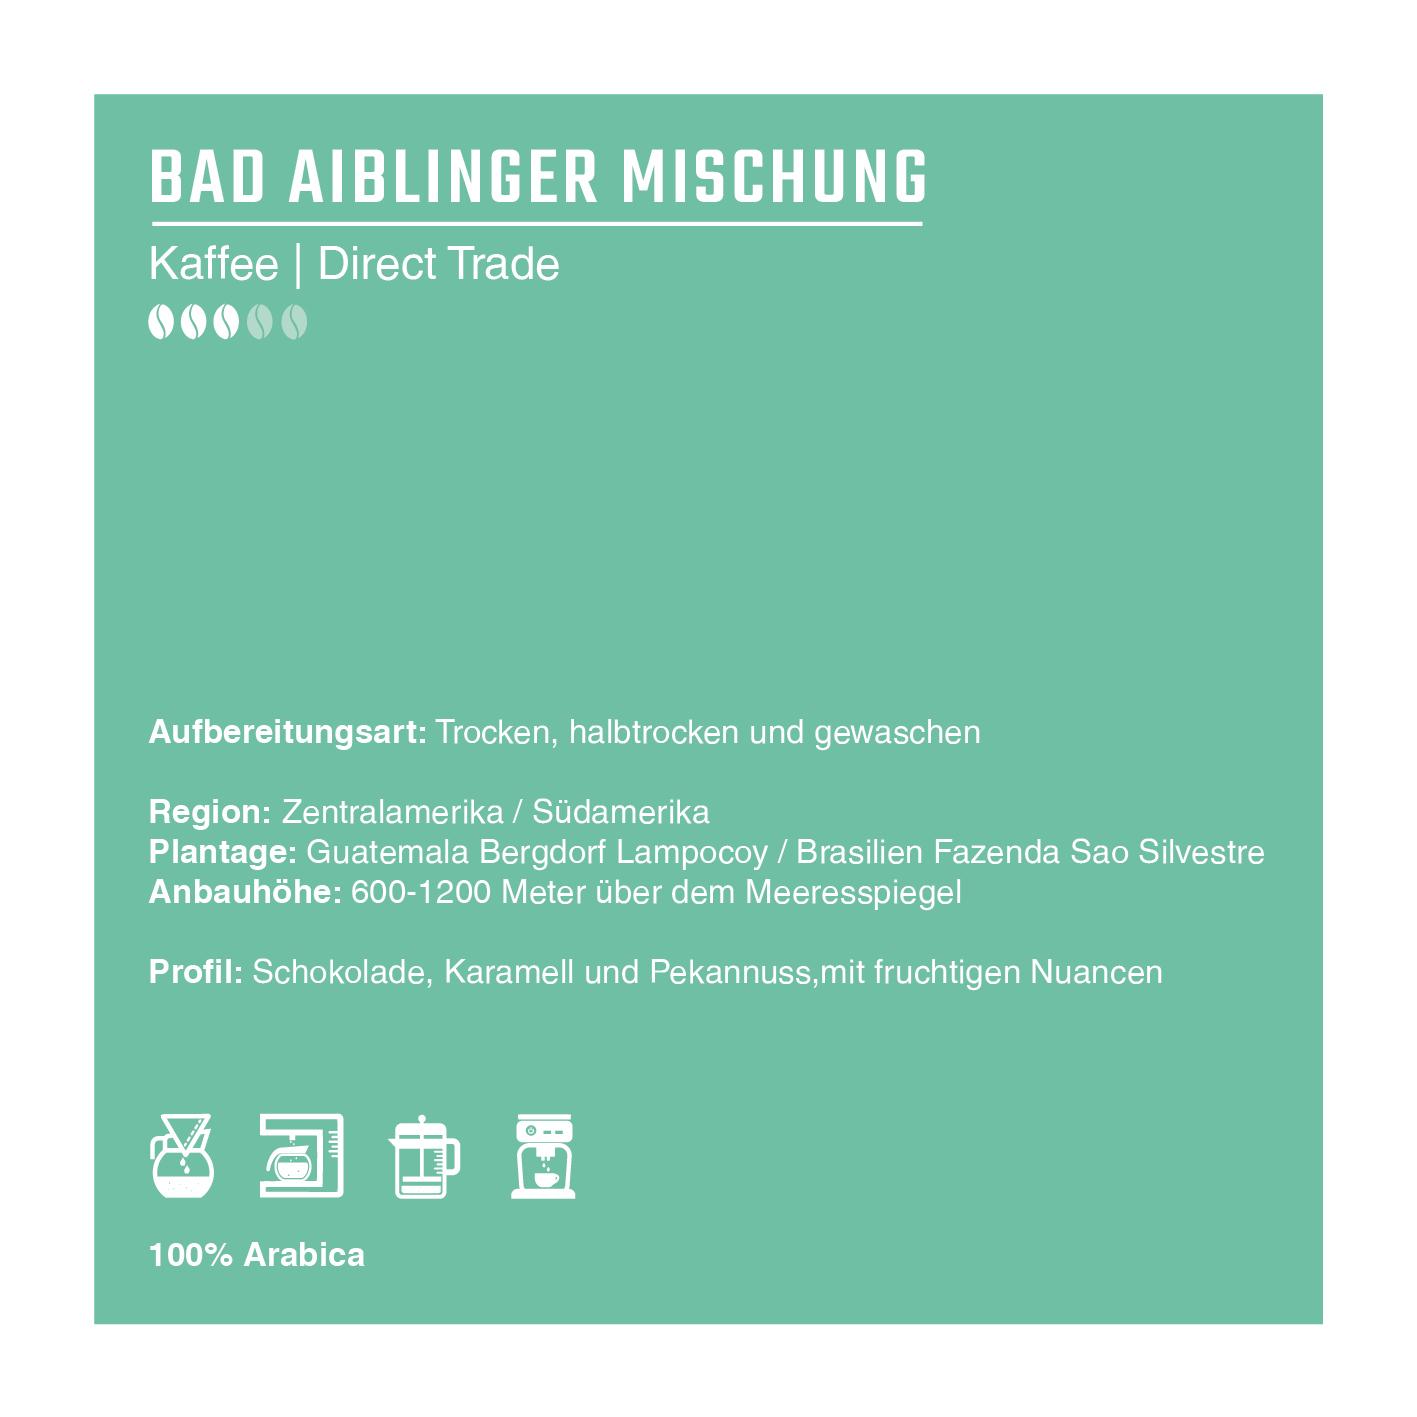 BadAibling_kaffee